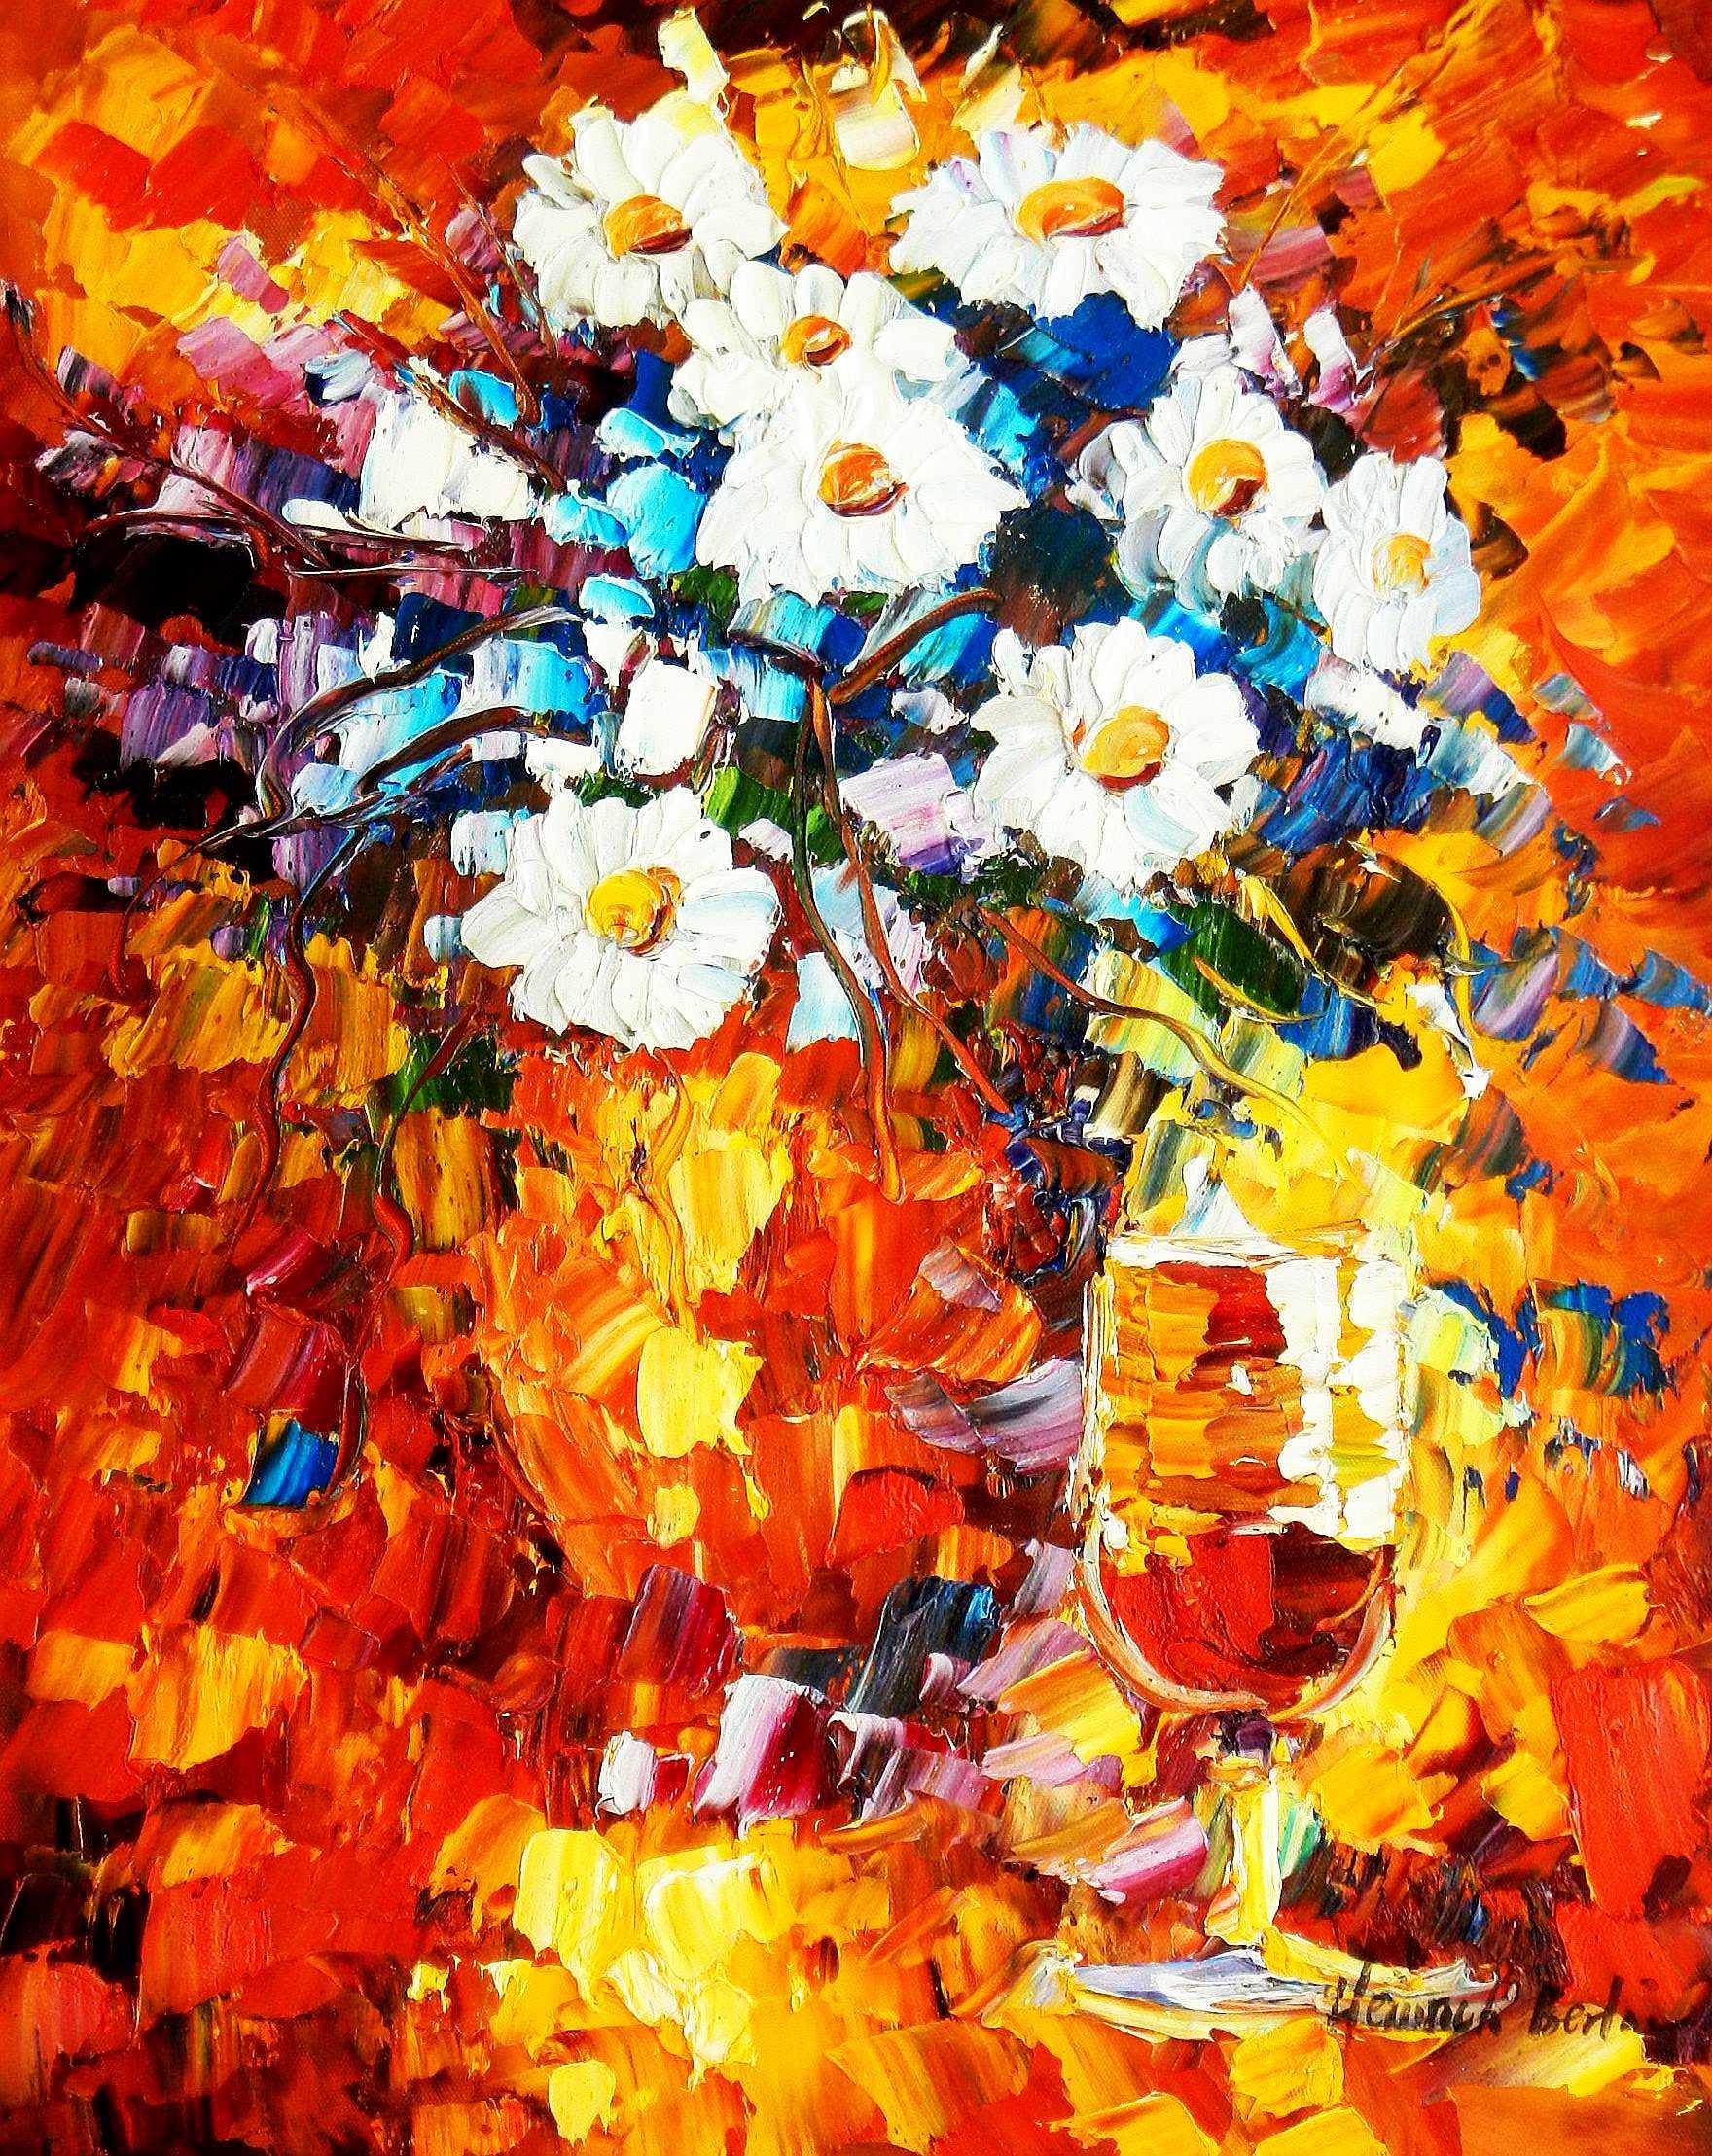 Modern Art - Abstraktes Blumengebinde b94796 40x50cm Ölgemälde handgemalt